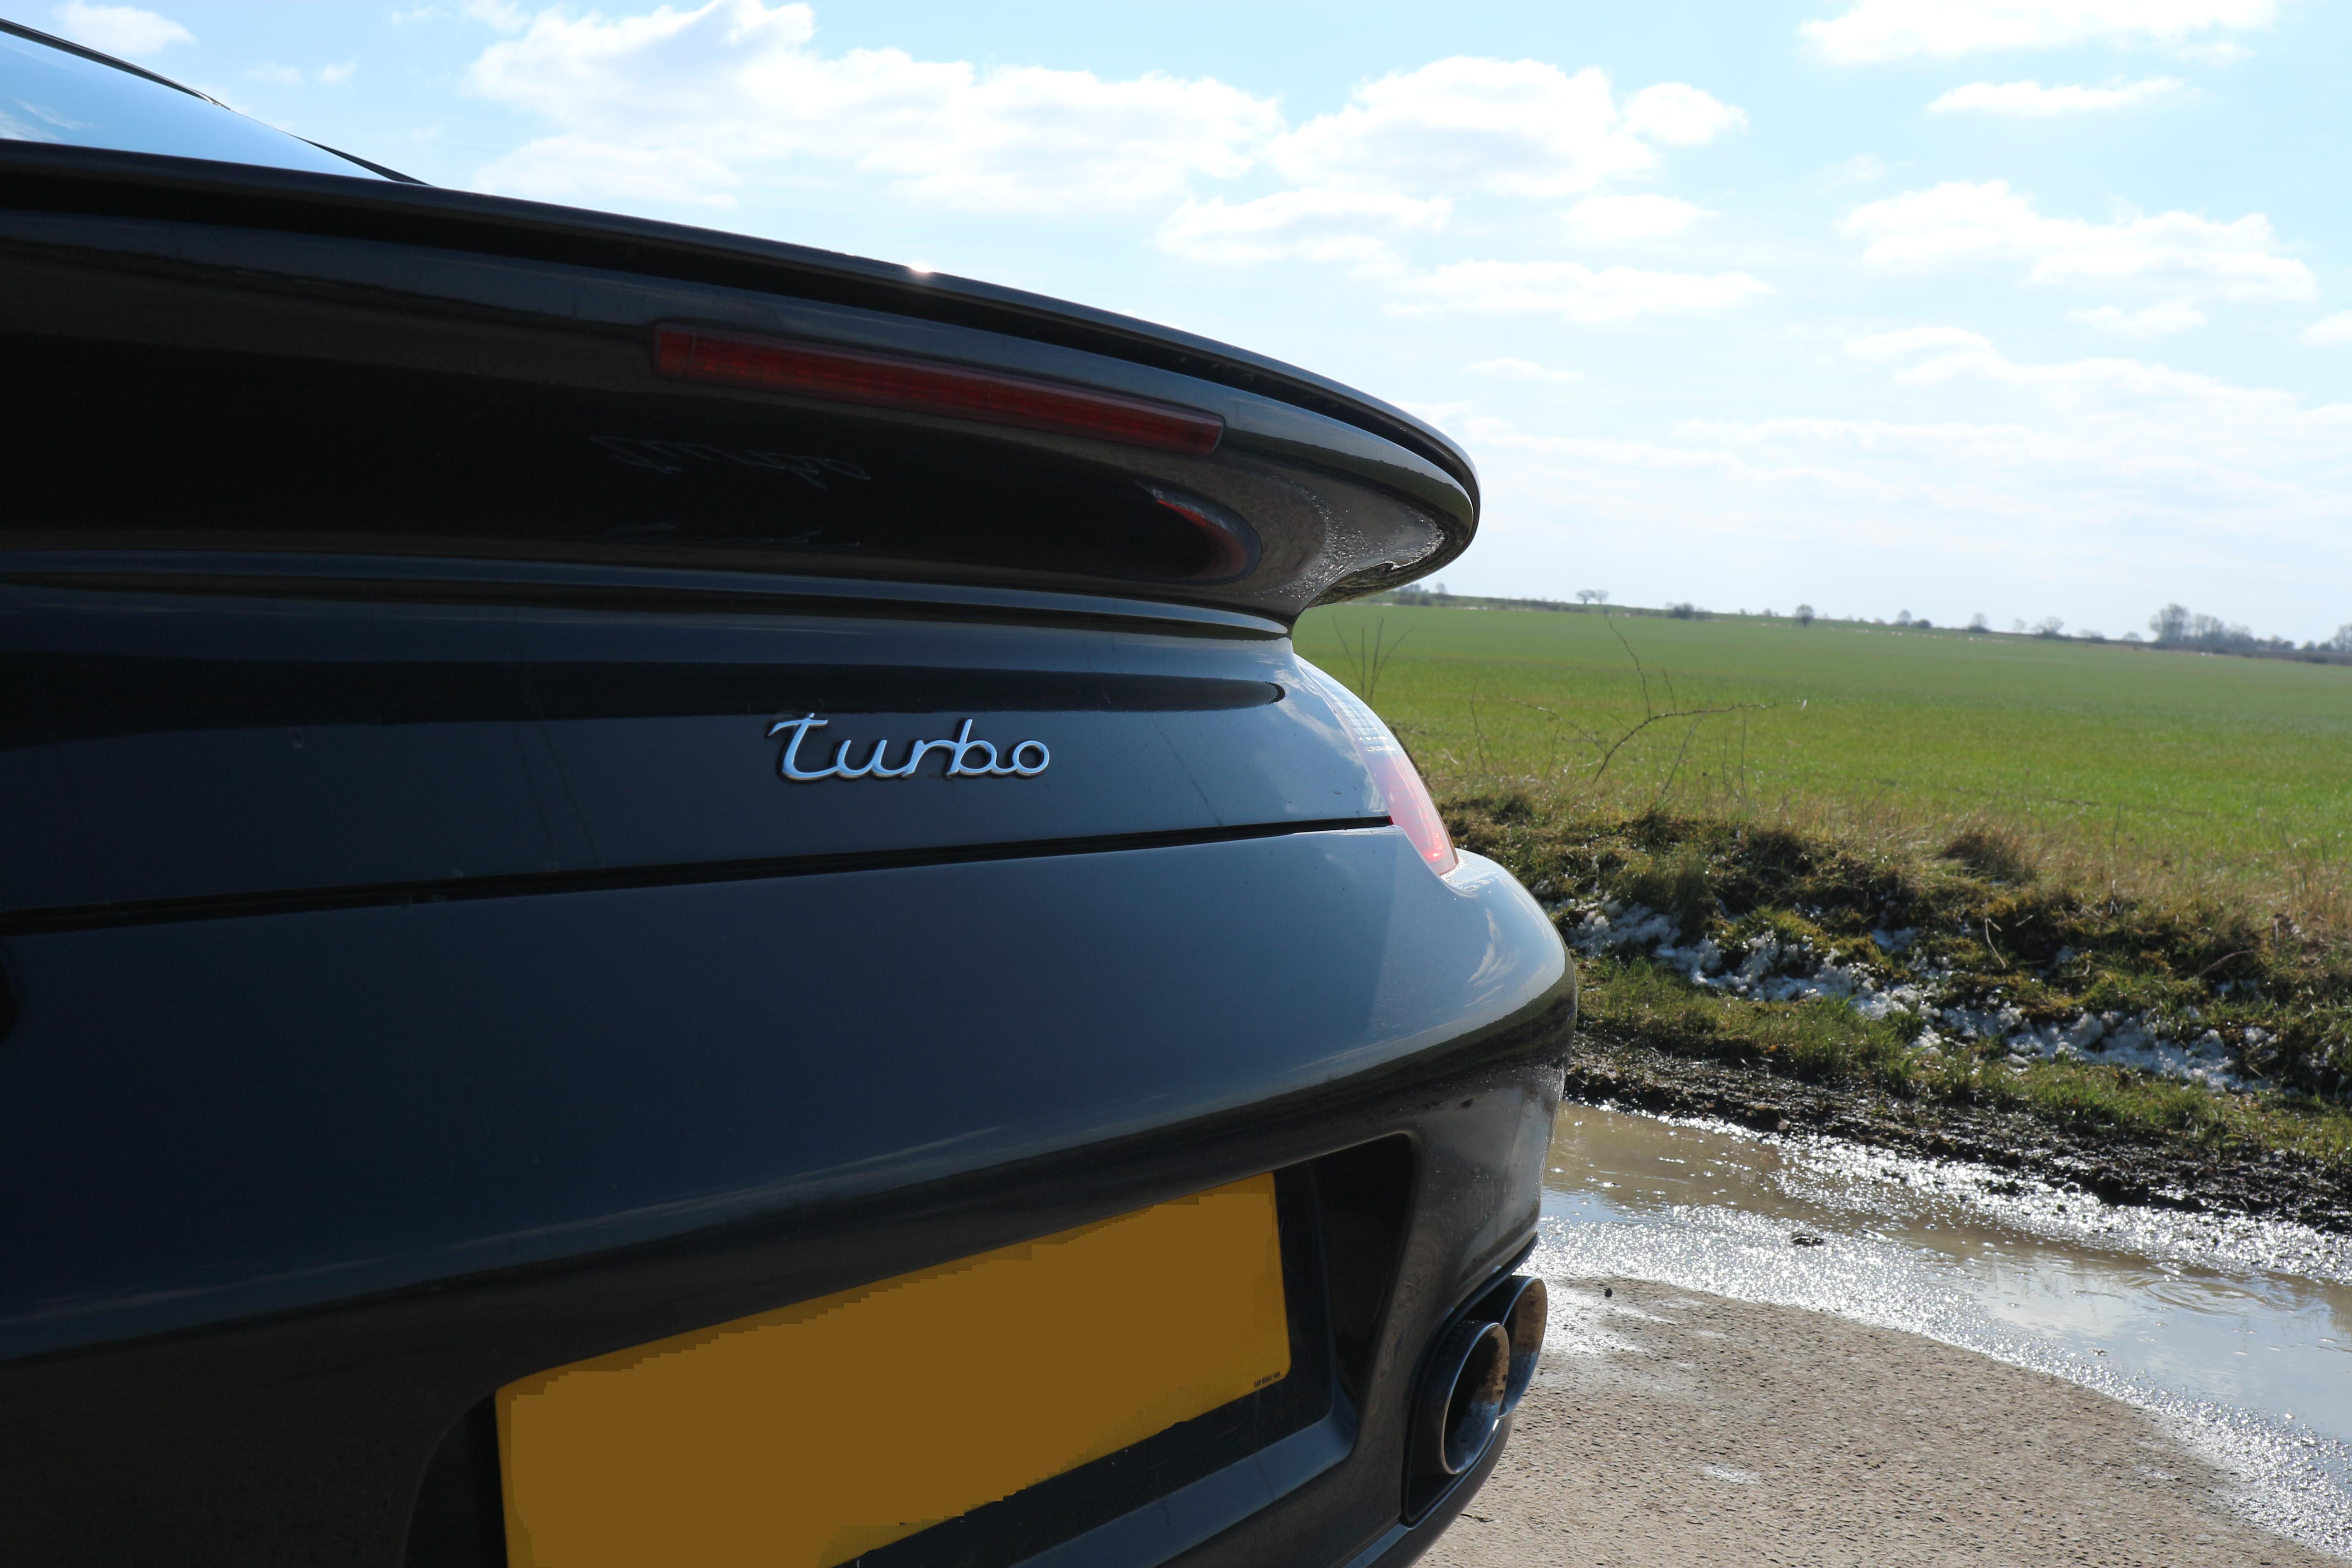 2006 Porsche 911 Turbo (997) full